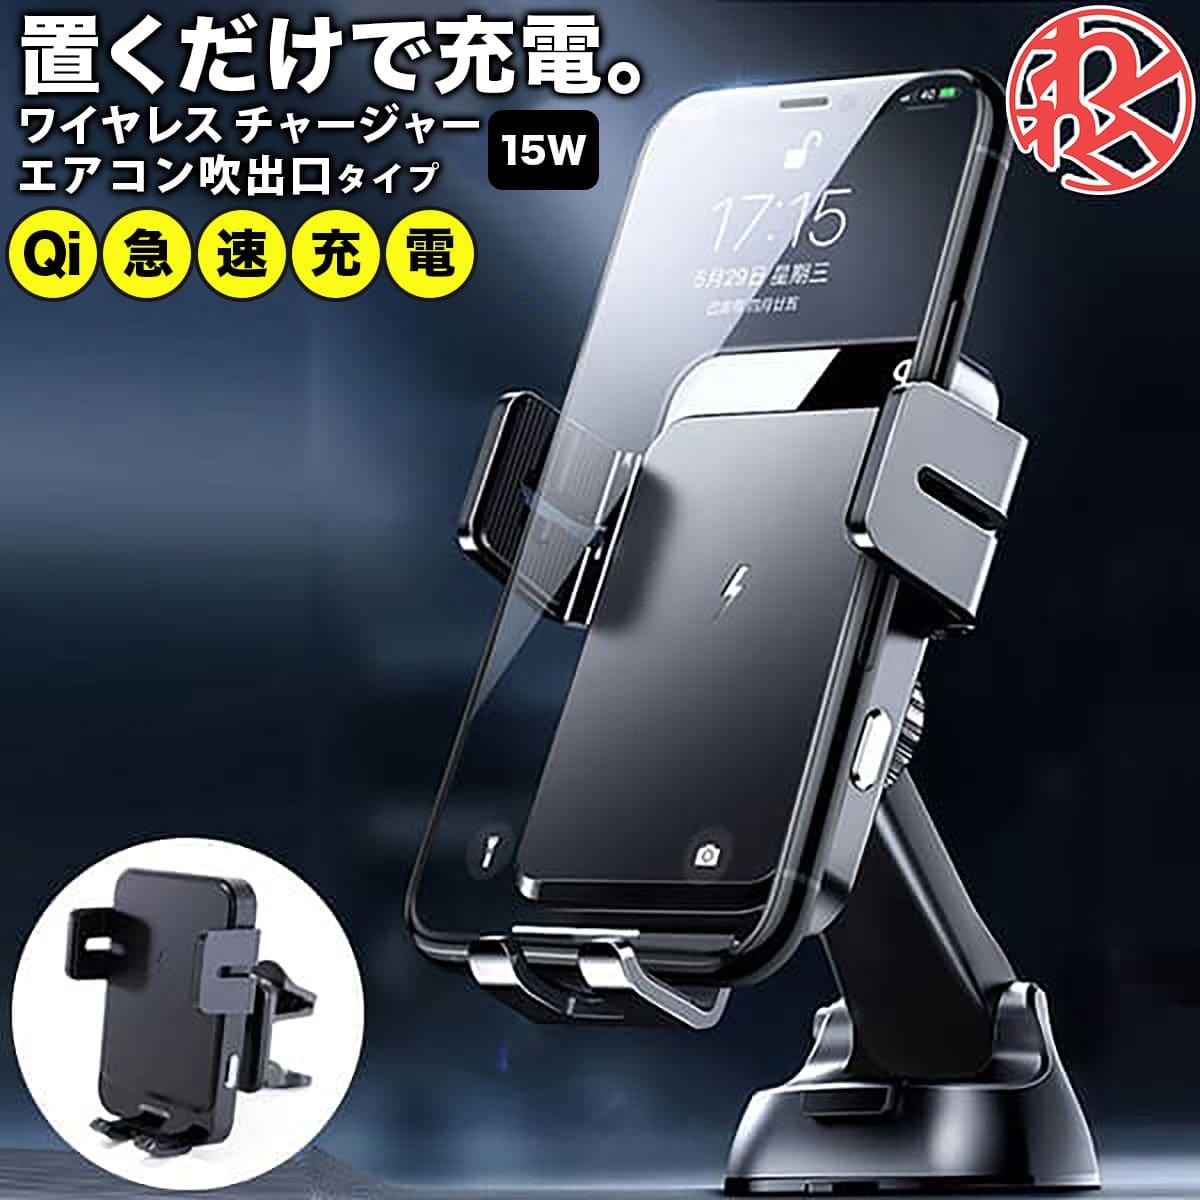 JOY ROOM iphone 7 8 9 X 国産品 12 24時間限定限定価格 qi 早割クーポン センサーで自動 15W アンドロイド わくわくファイネスト チャージャー android エアーベントタイプ 車載 ワイヤレス充電器 アイフォン